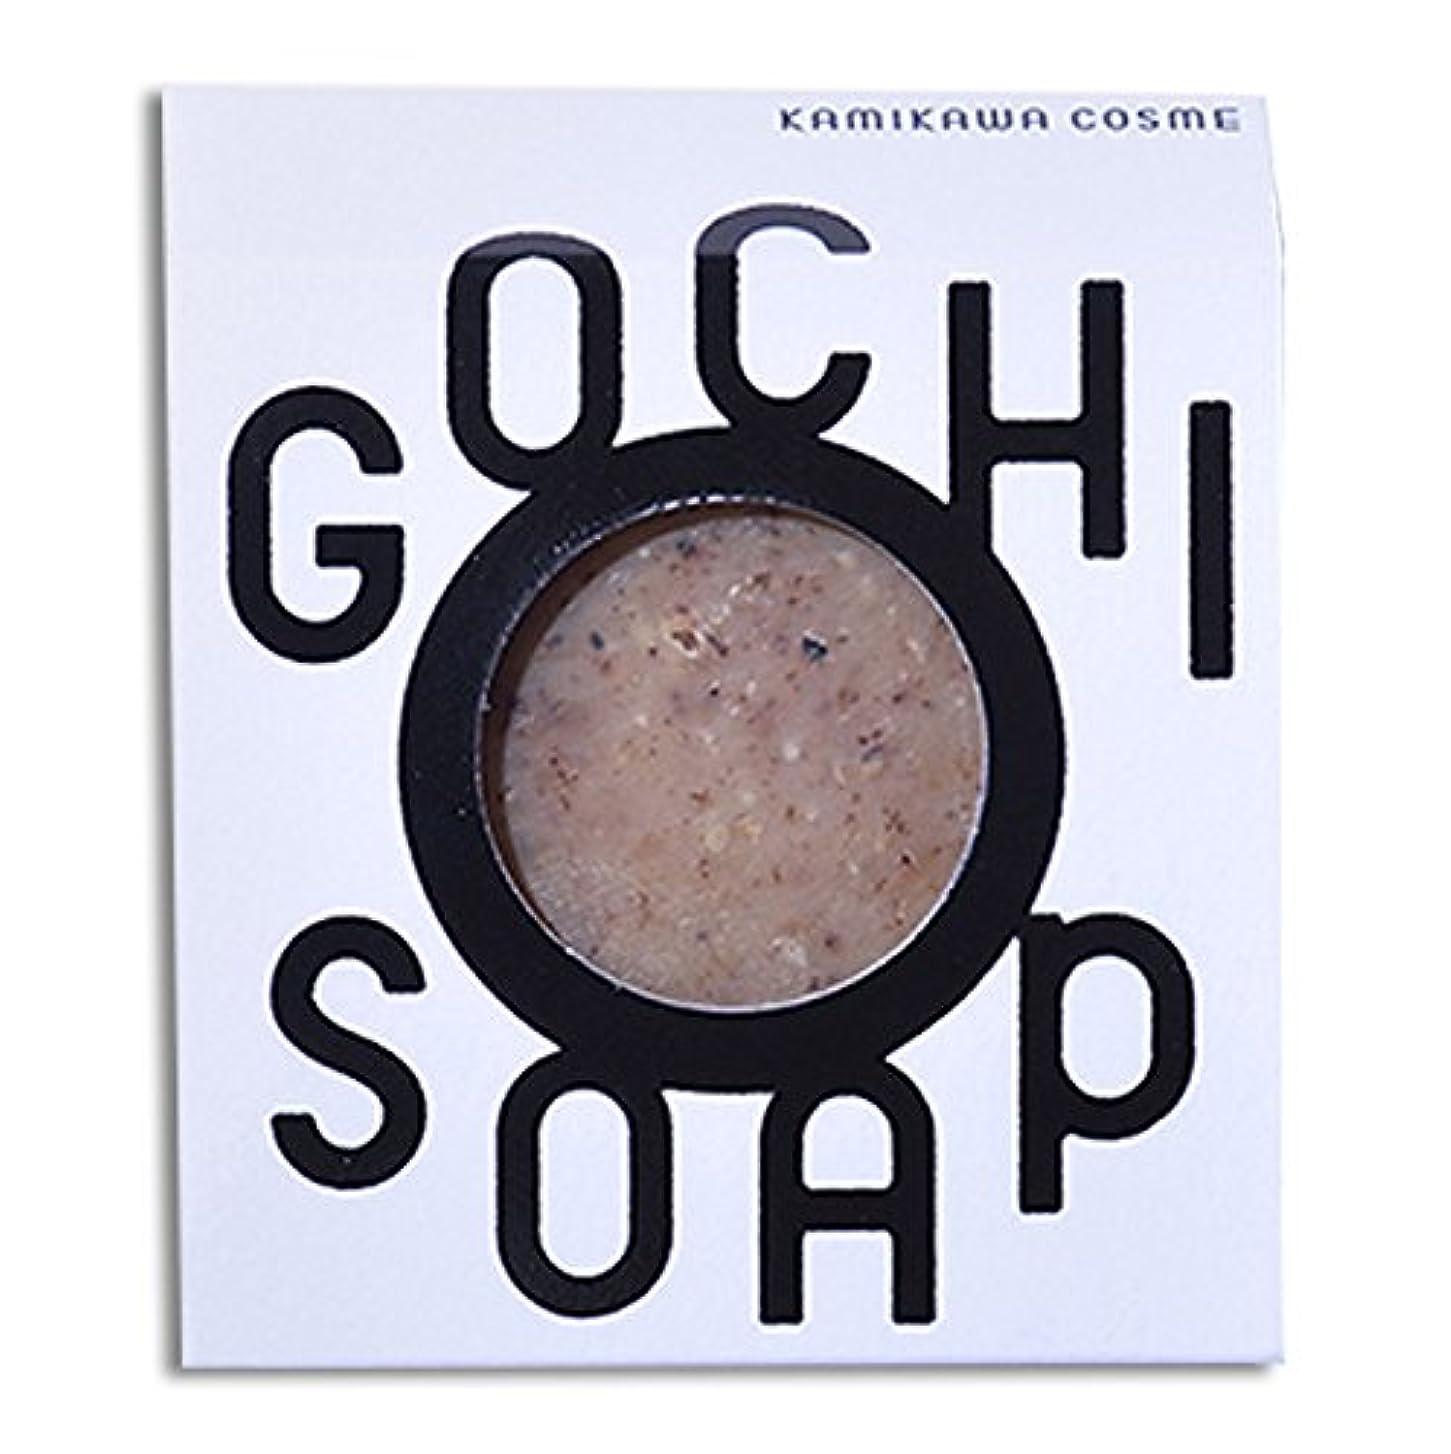 道北の素材を使用したコスメブランド GOCHI SOAP(上森米穀店の黒米ぬかソープ?谷口農場のトマトソープ)各1個セット